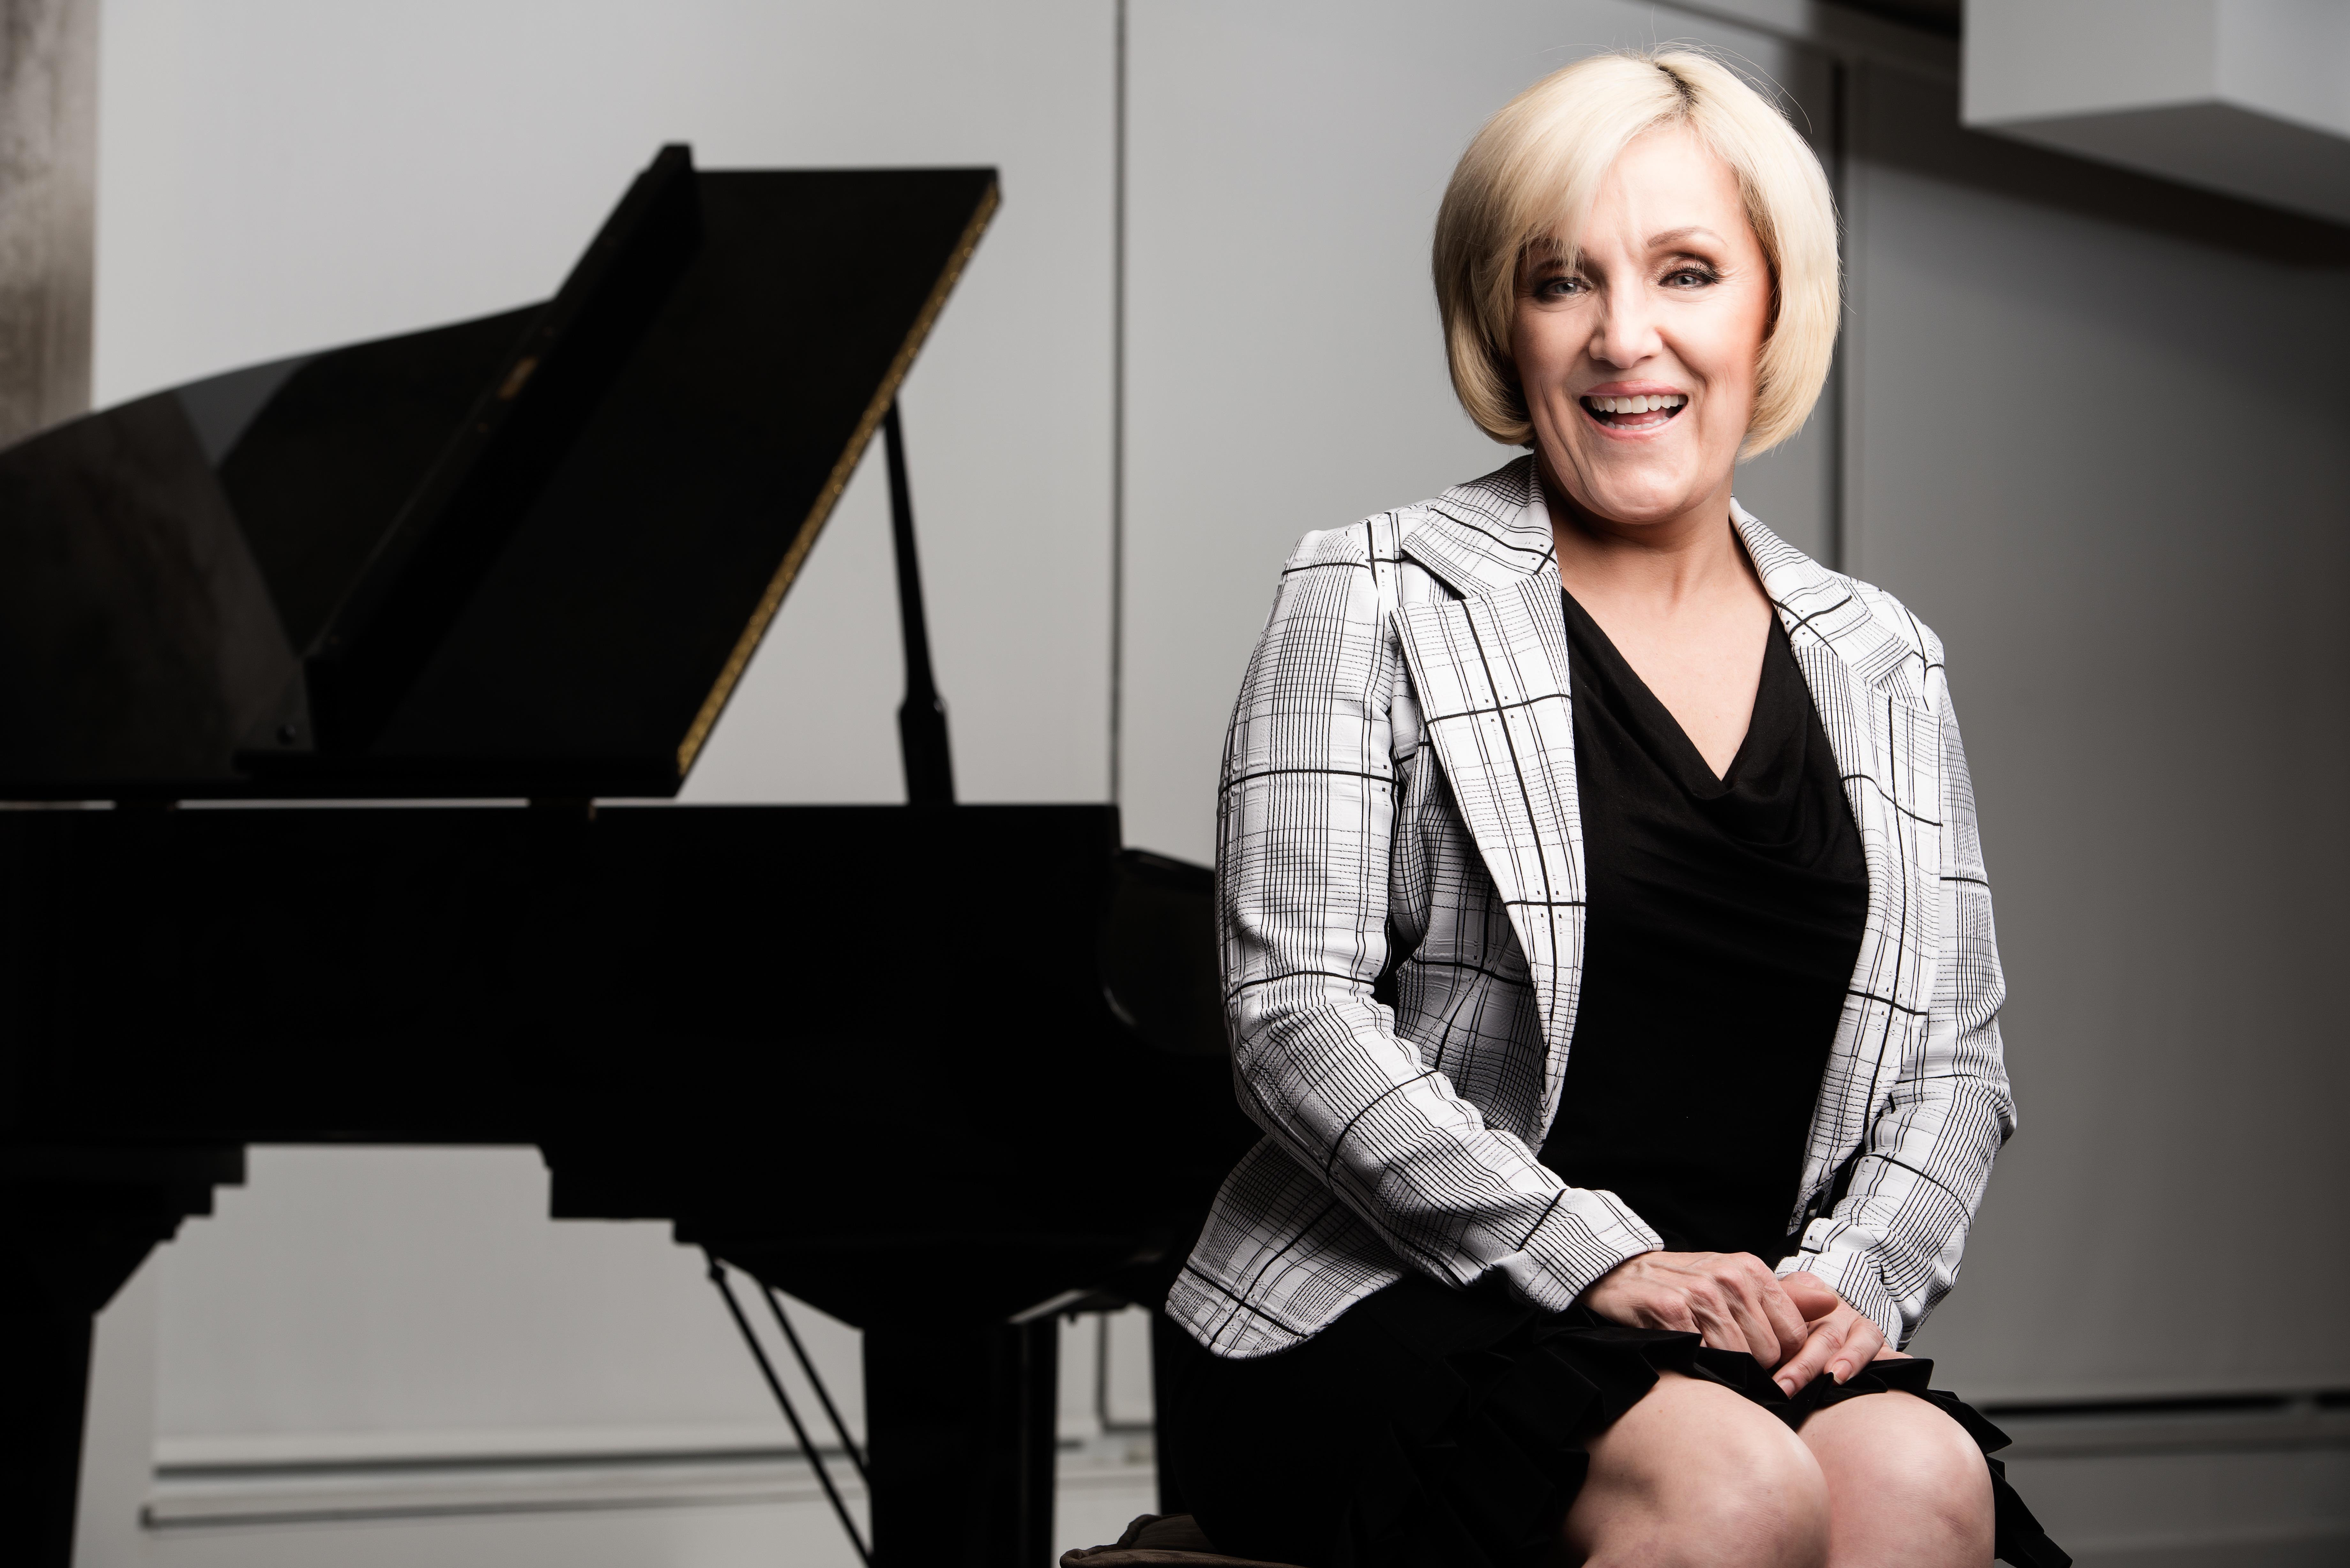 Tracyhackett.royalbank-vicepresident-boldmagazine